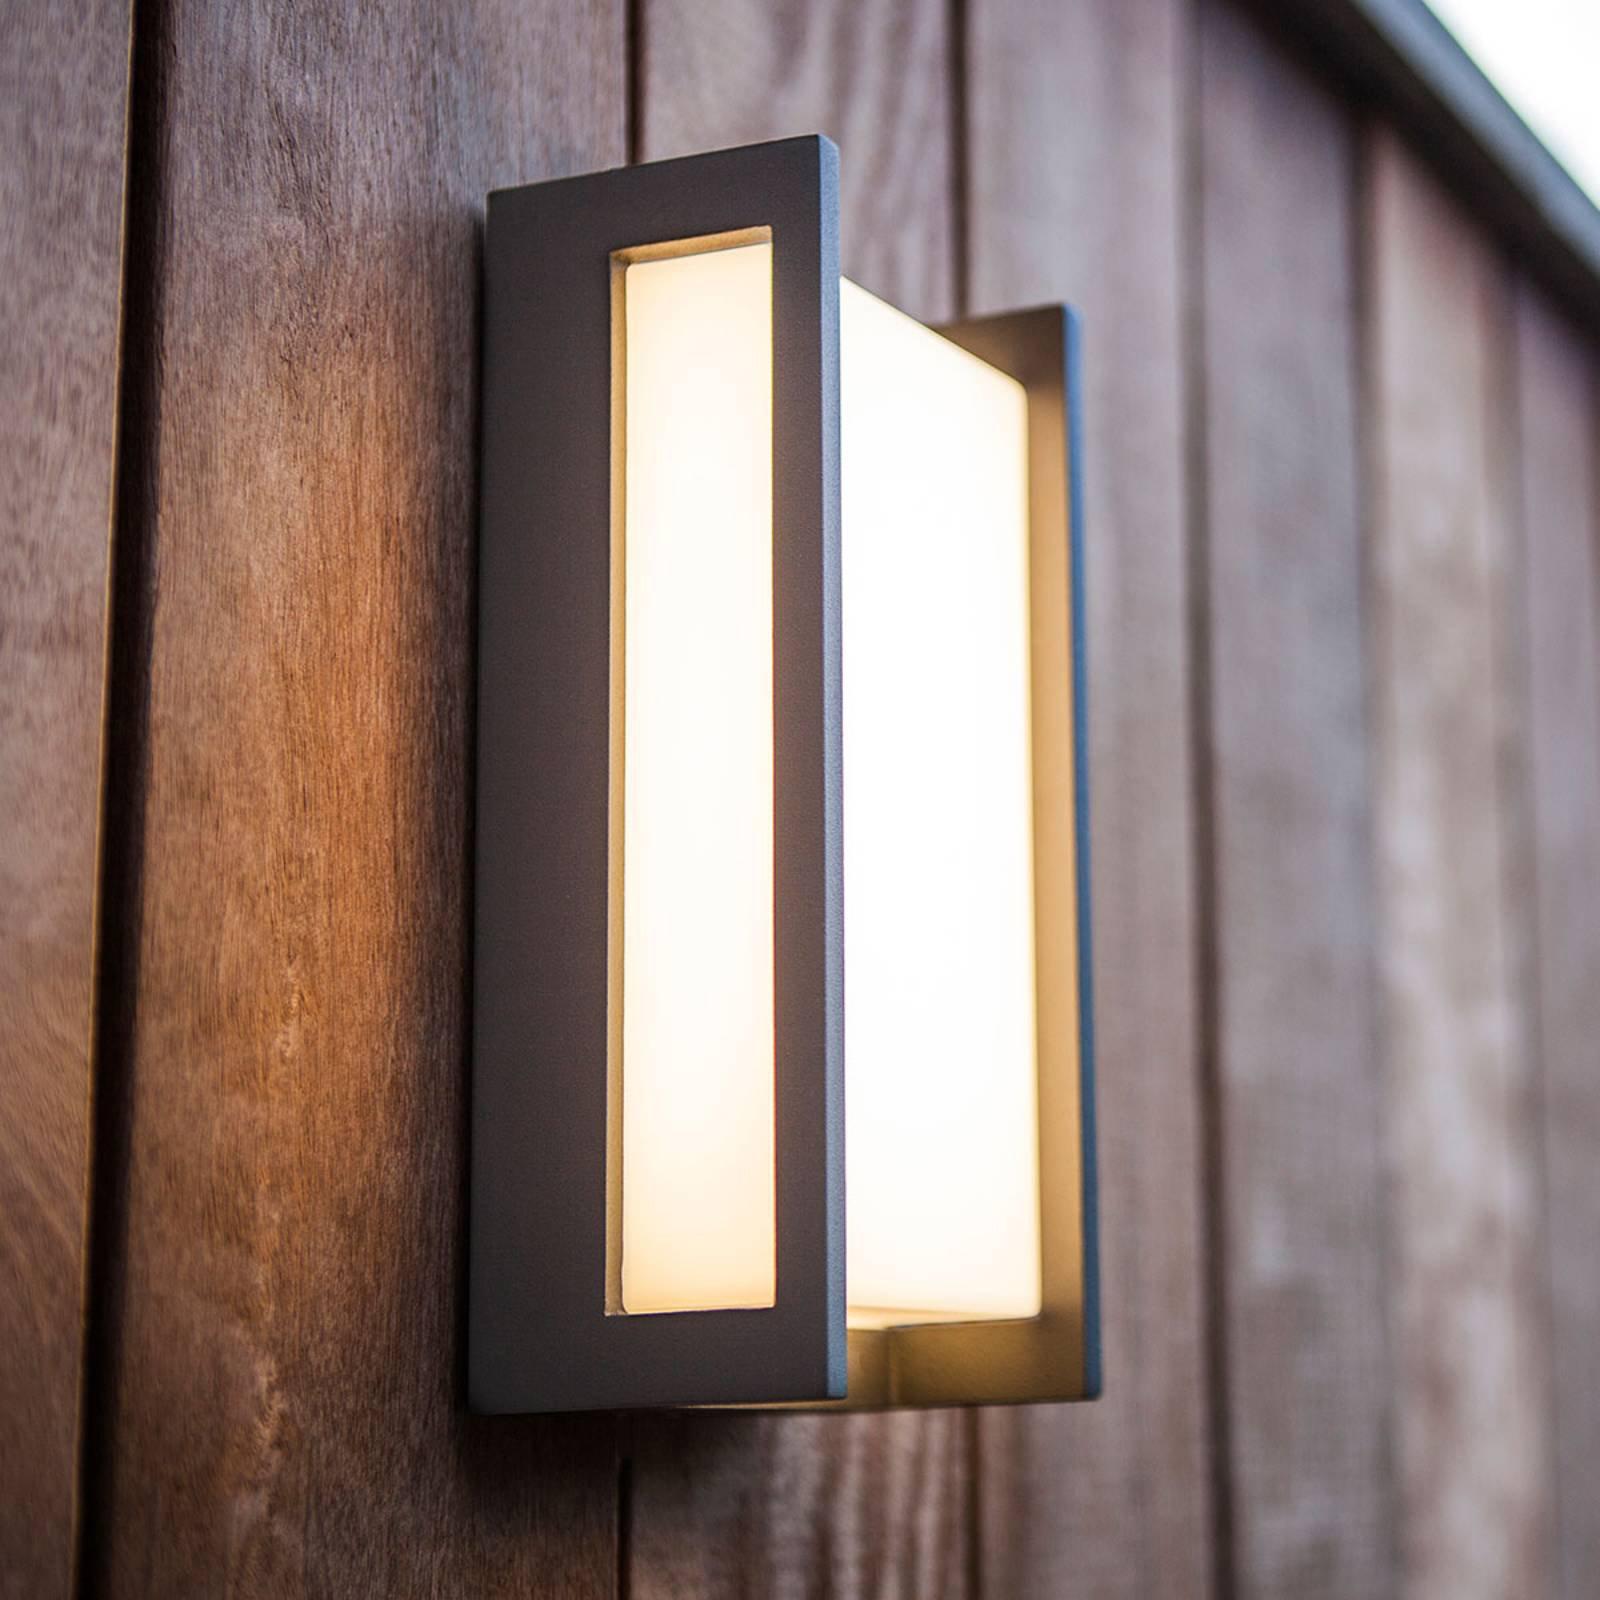 Utendørs LED-vegglampe Qubo, 11 cm x 22 cm